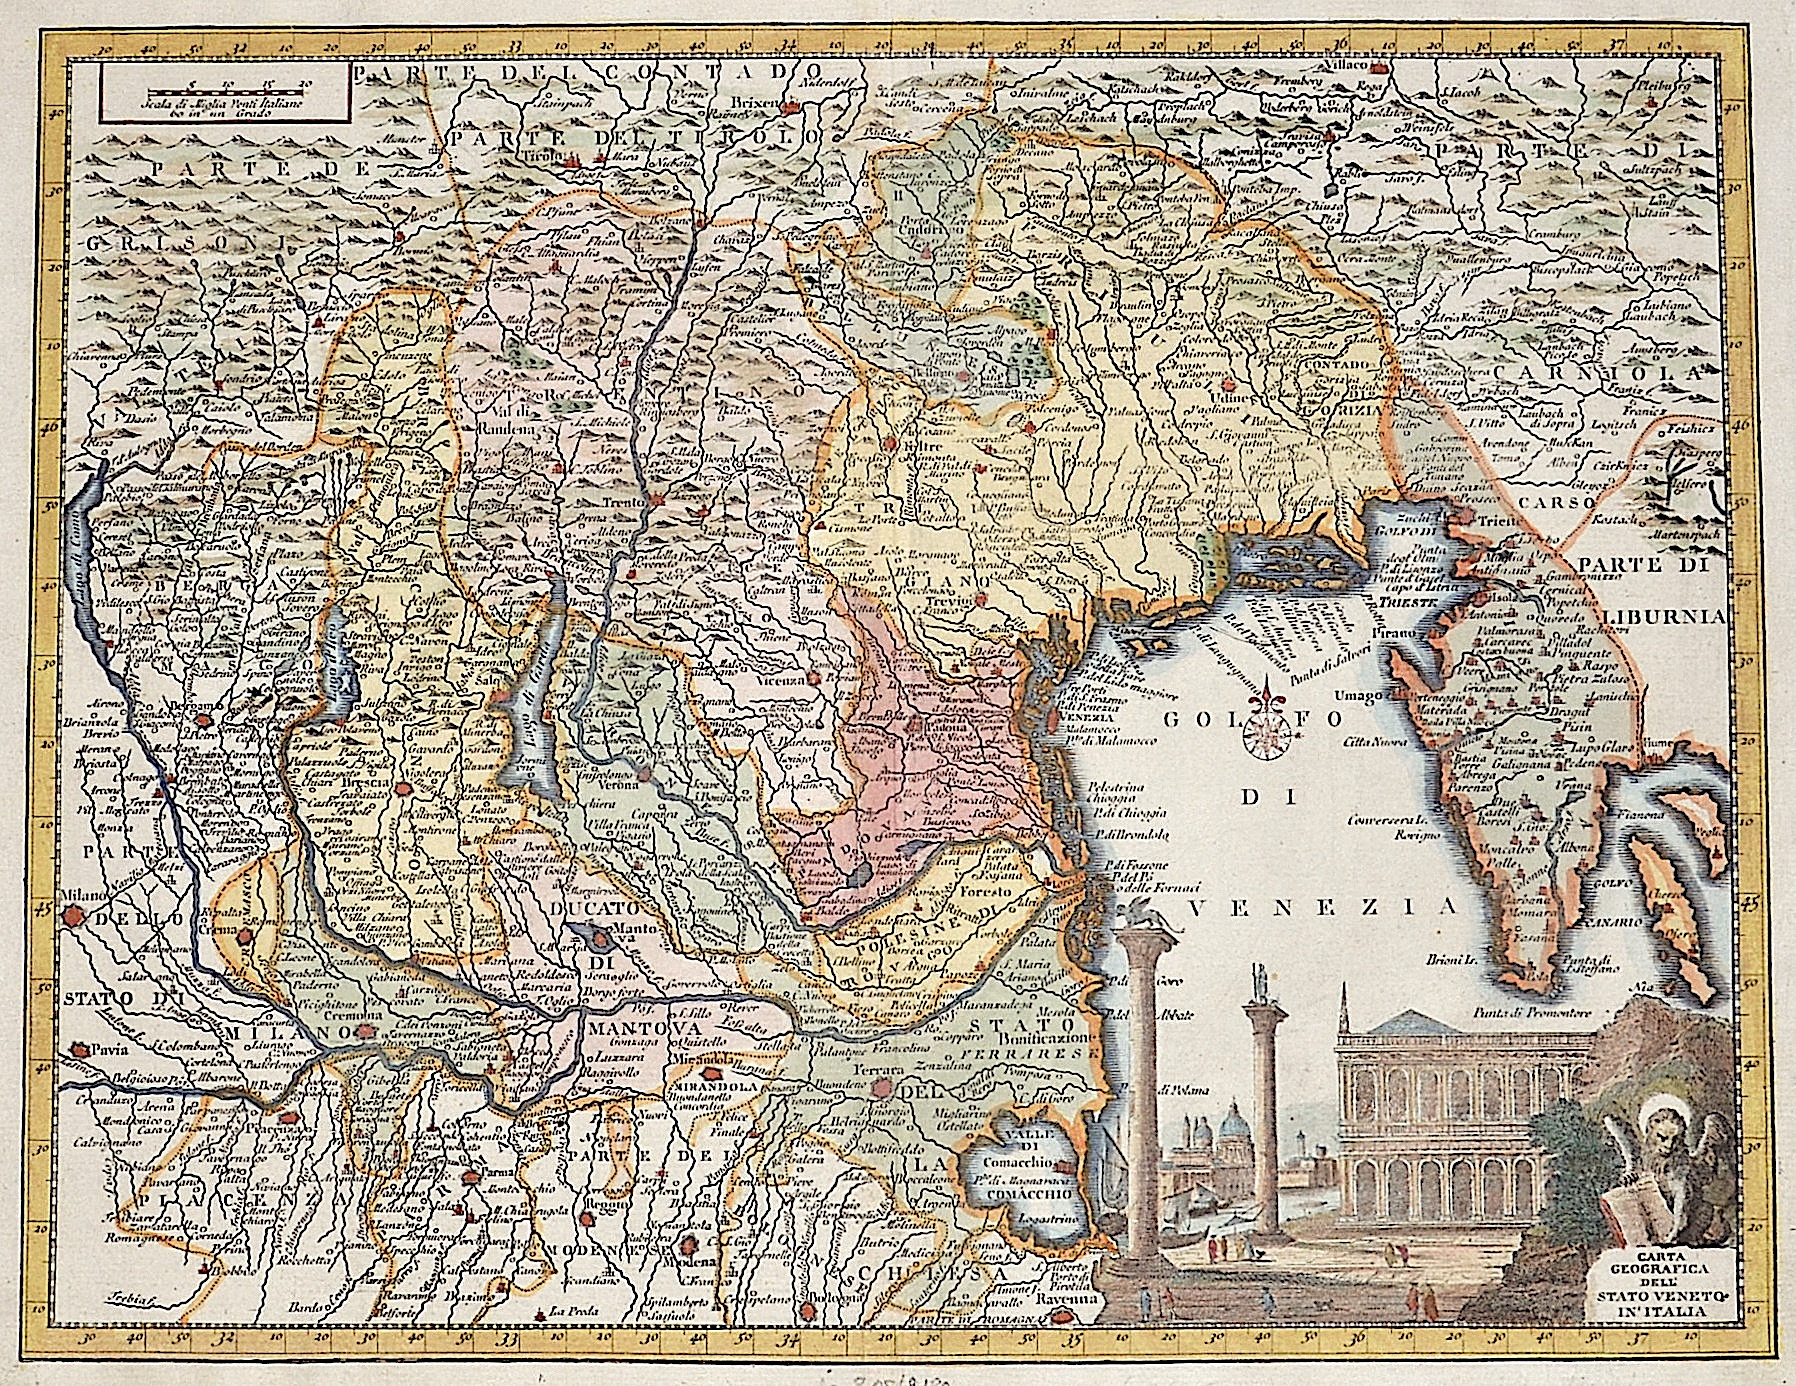 Cassini Giovanni Maria Carta Geografica dell Stato Veneto in Italia